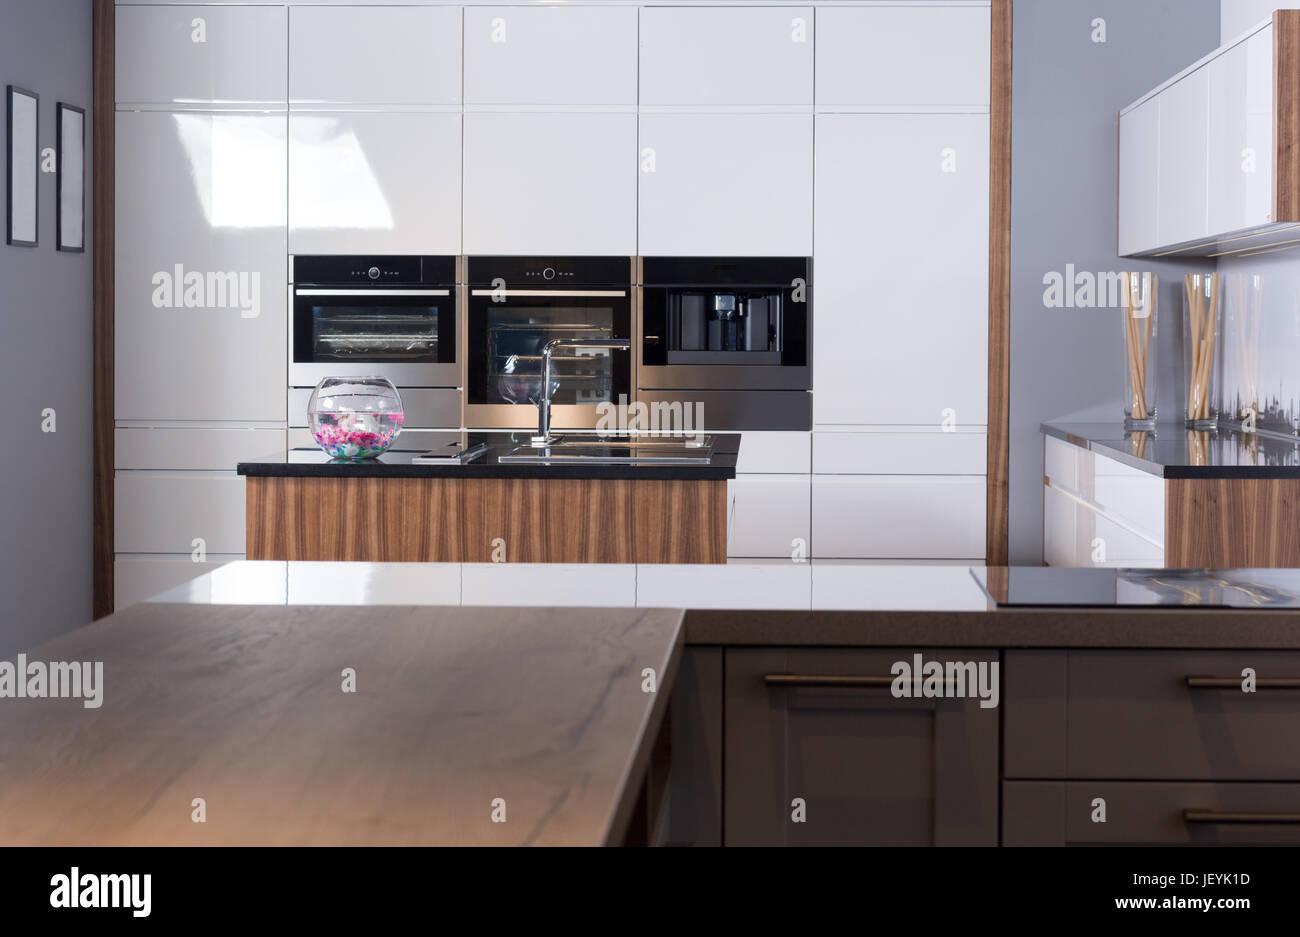 Idee der minimalistische Küche. Moderne Küche mit einem ...